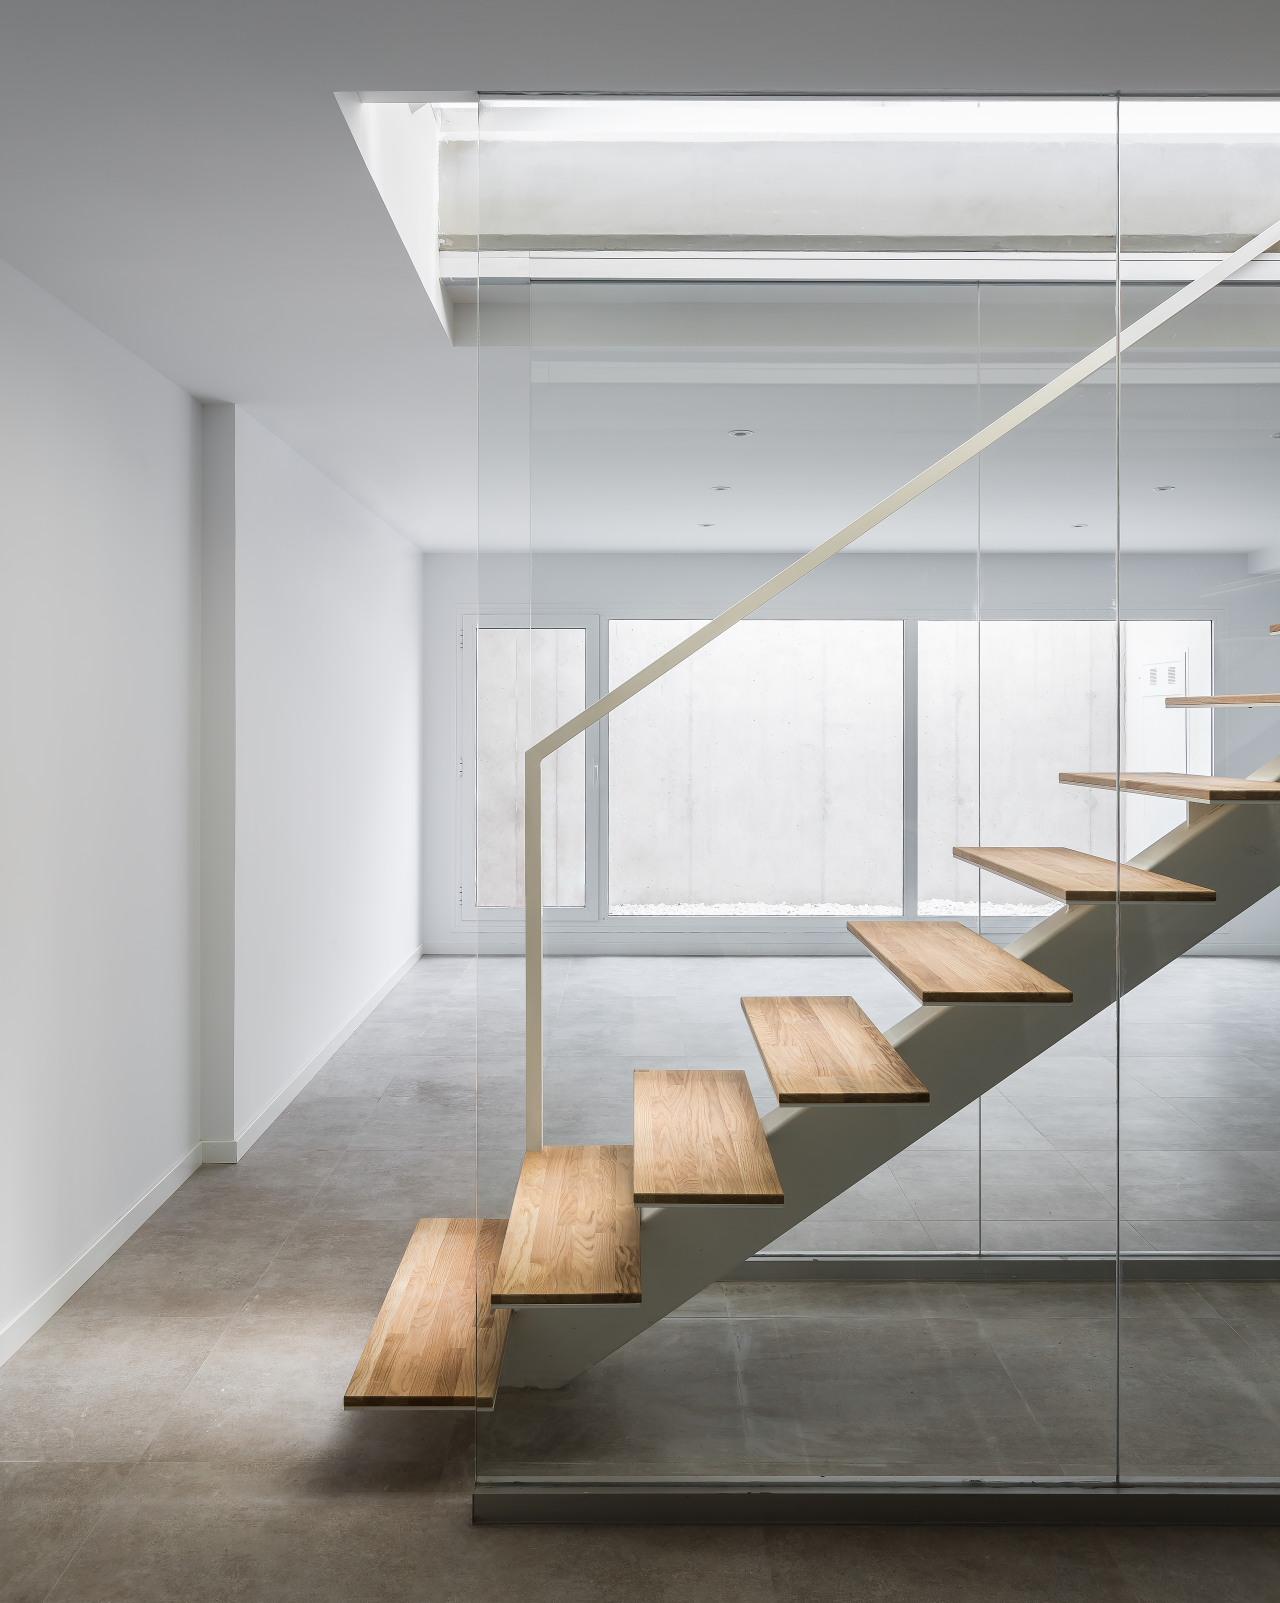 fotografia-arquitectura-valencia-puig-german-cabo-viraje-v15 (21)